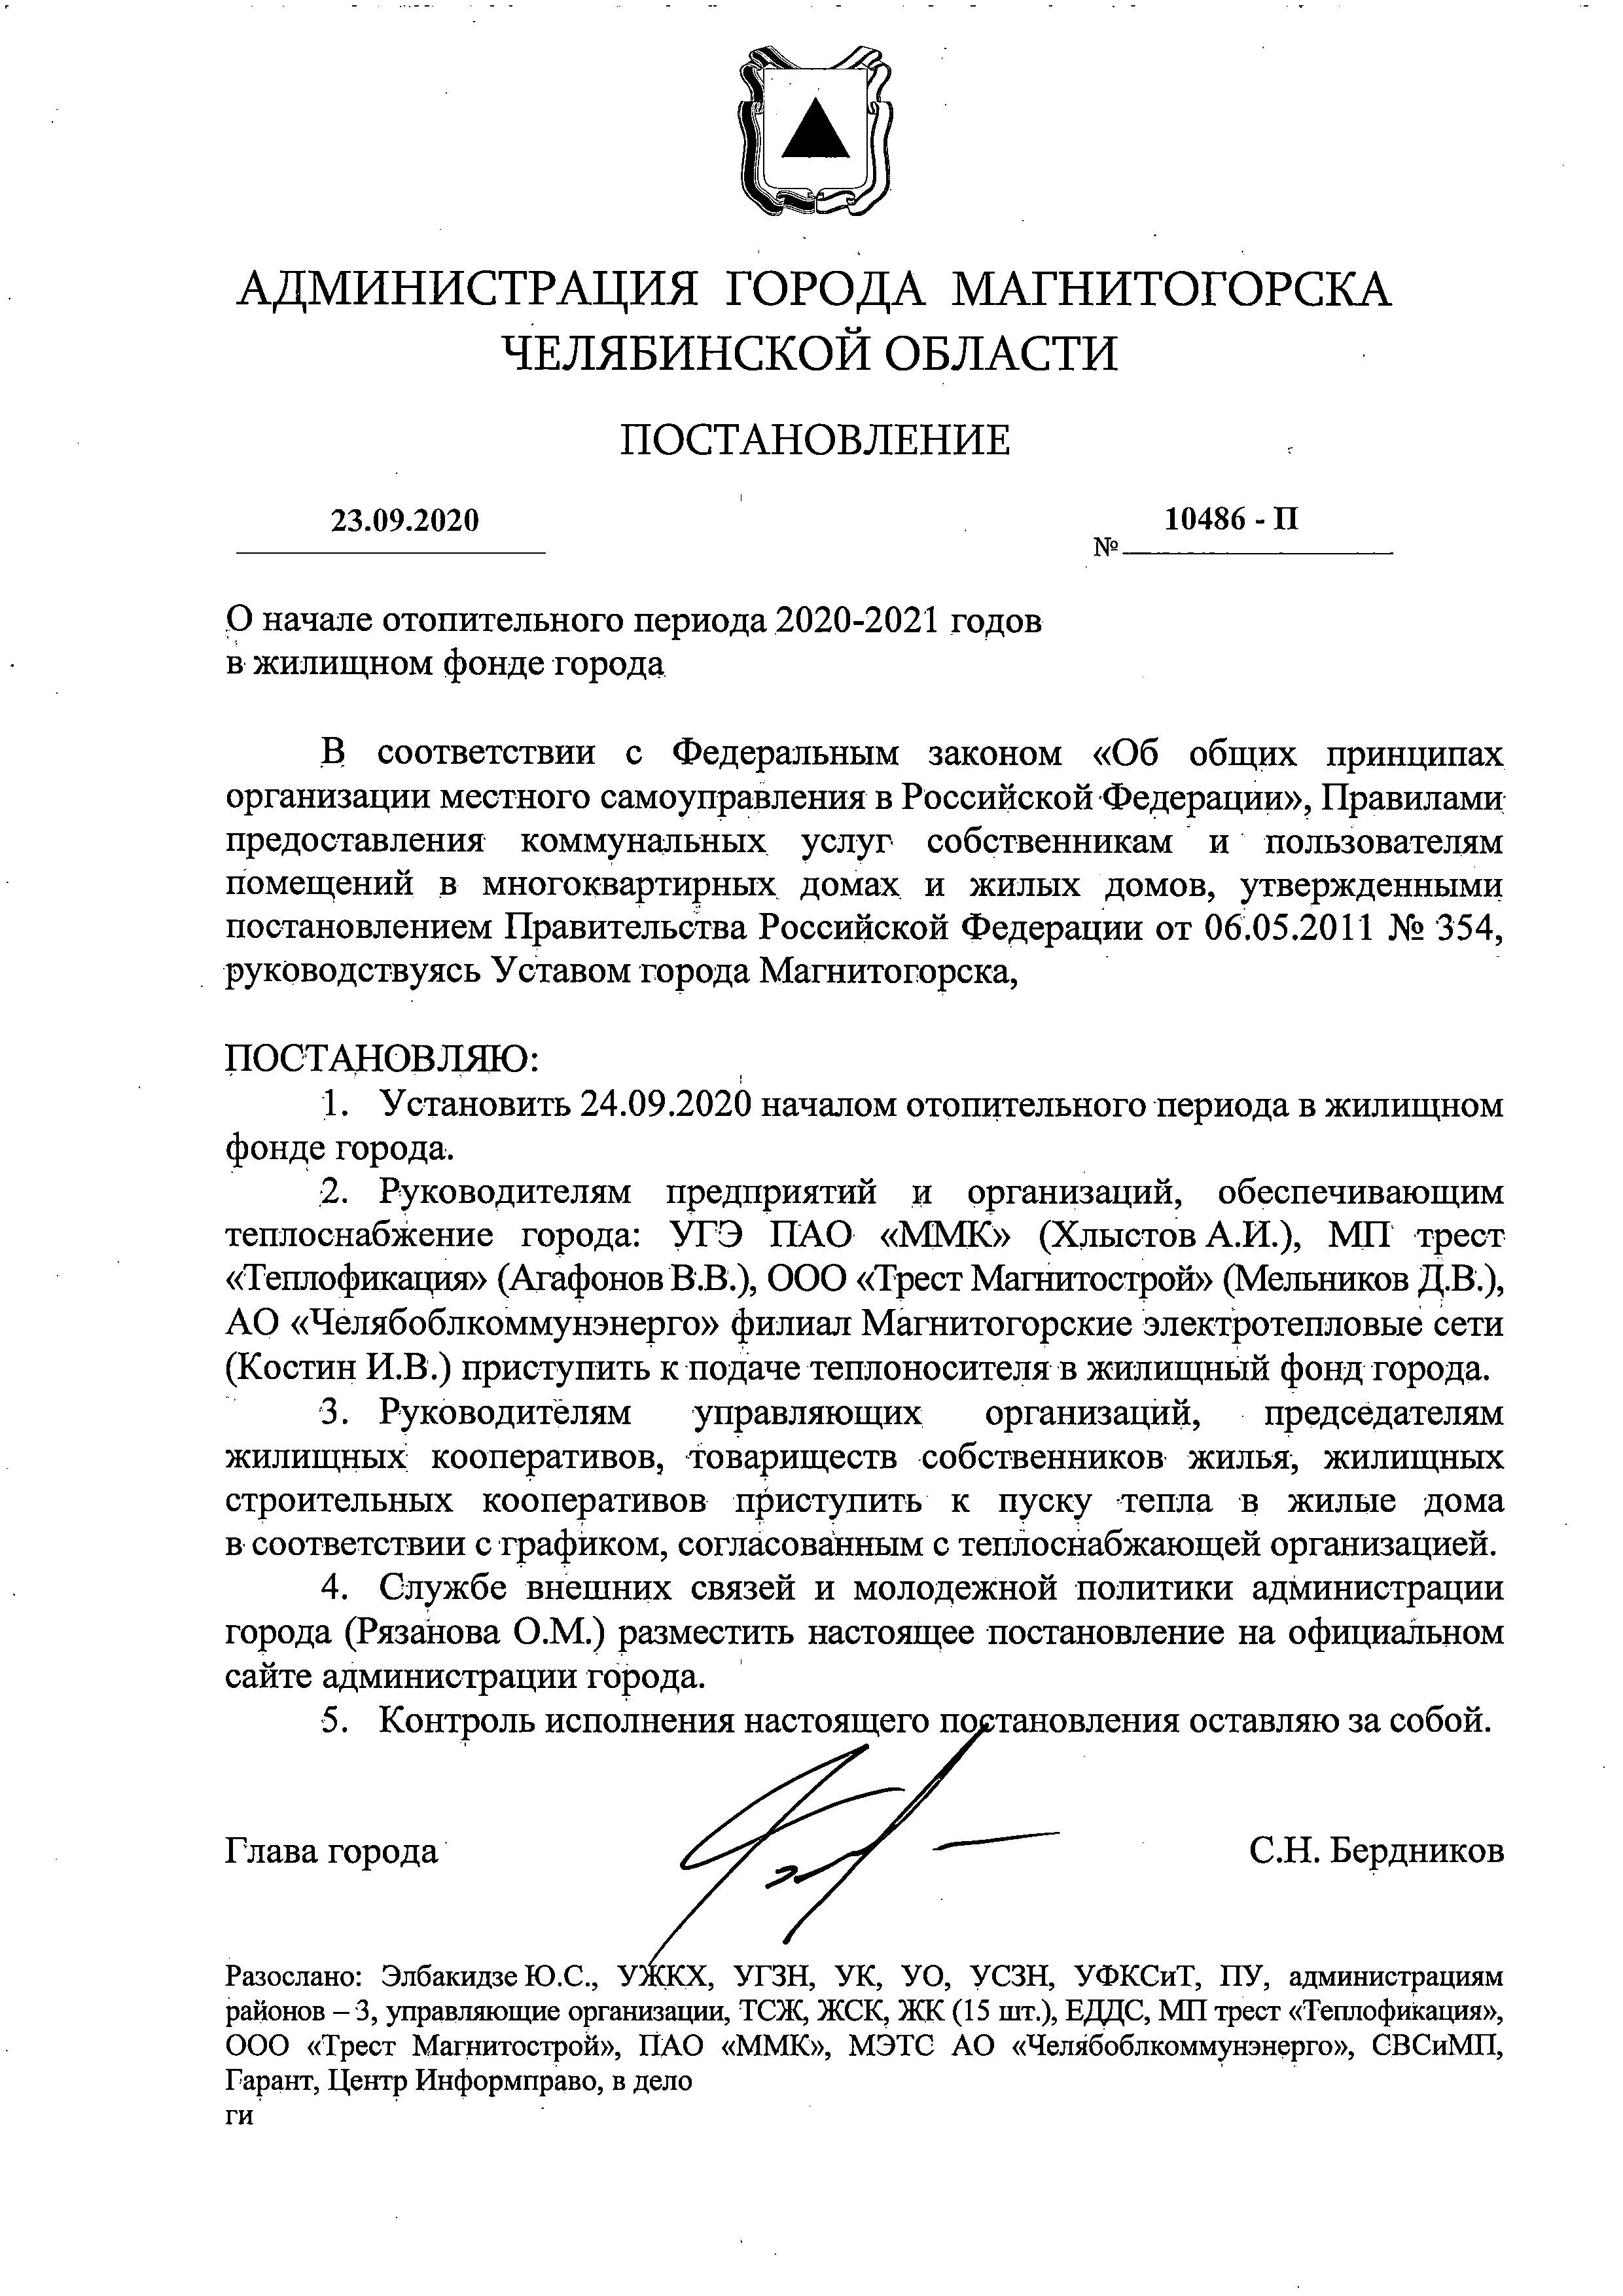 № 10486 - П_23.09.2020 Постановление о начале отопительного сезона 2020-2021.jpg